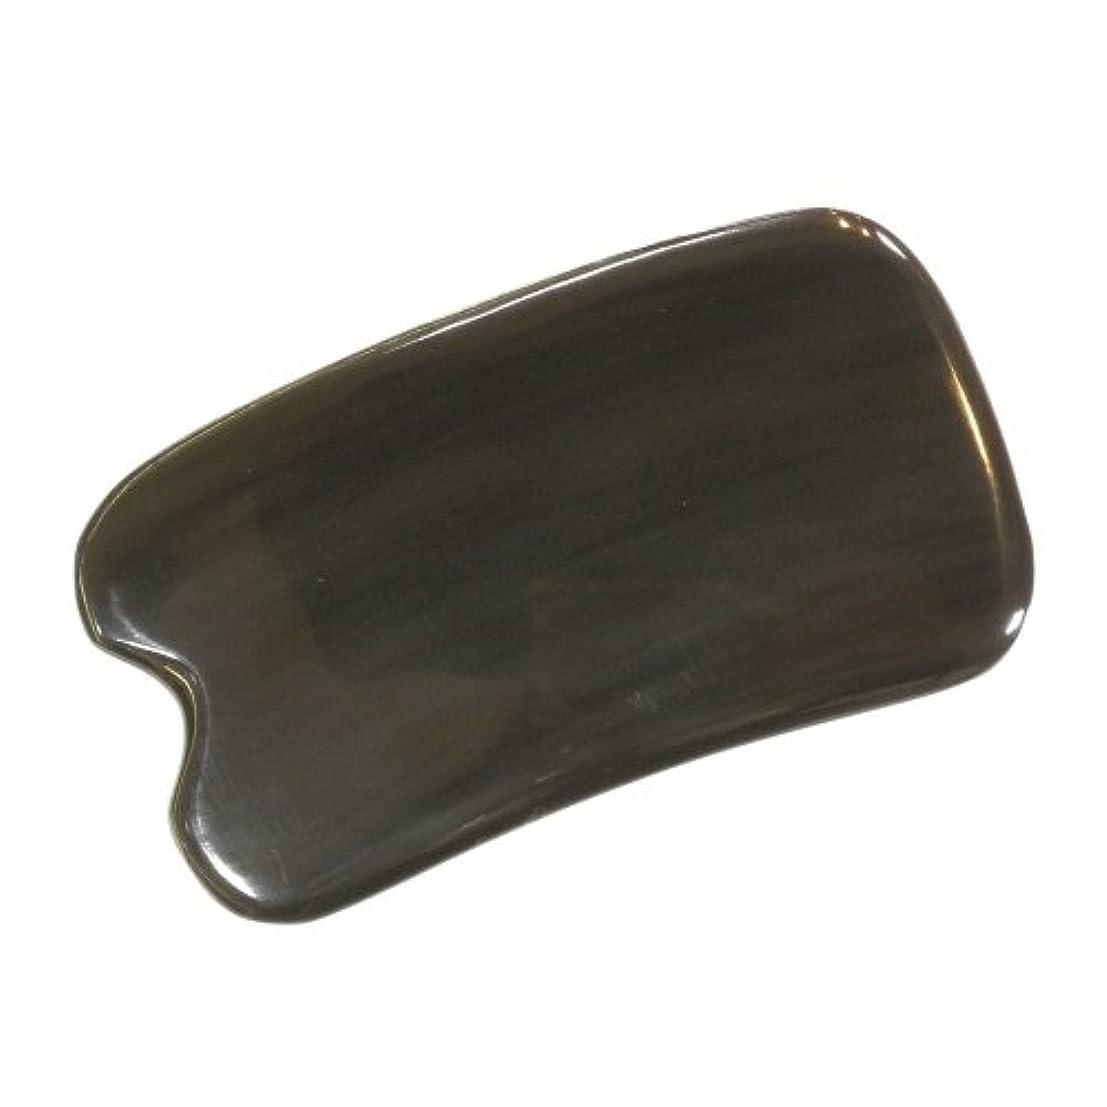 航空爆発移植かっさ プレート 厚さが選べる ヤクの角(水牛の角) EHE273SP 黒四角凹 特級品 少し厚め(6ミリ程度) 大きめ穴無